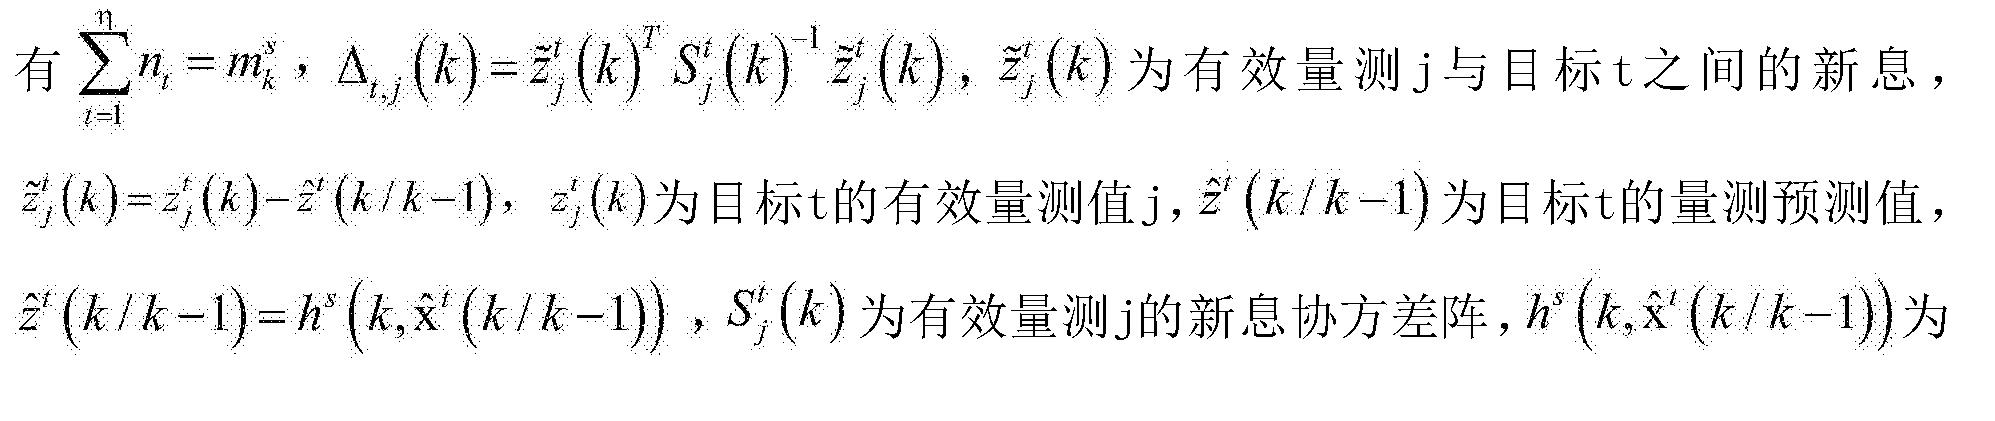 Figure CN103729859BD00083